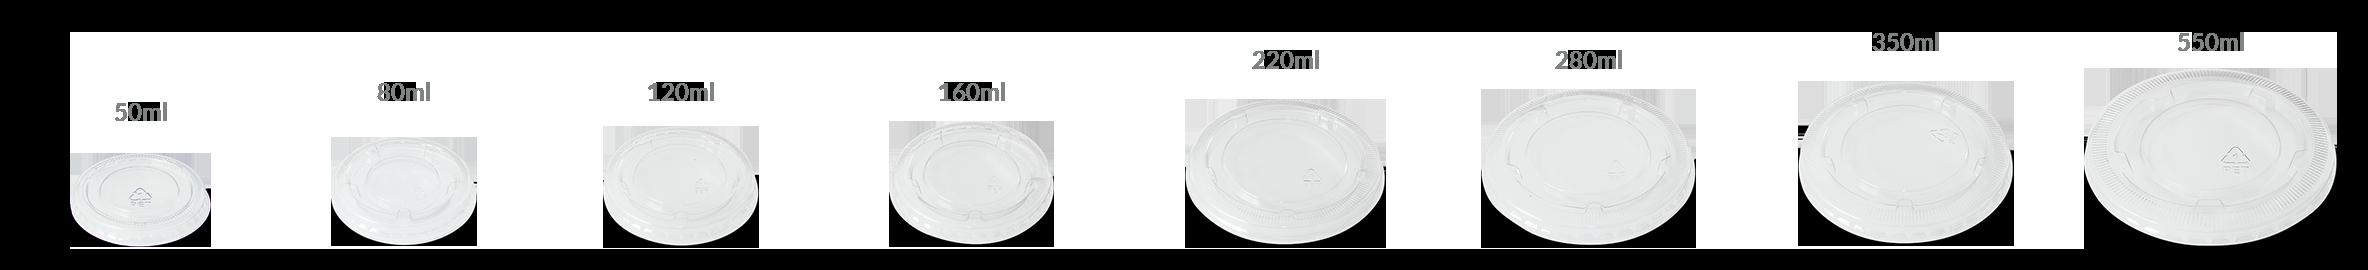 tampas para potes de papel, diversos tamanhos, cor branco, 100% biodegradável, reciclável, pote para bolo, pote para sorvete, pote para açai